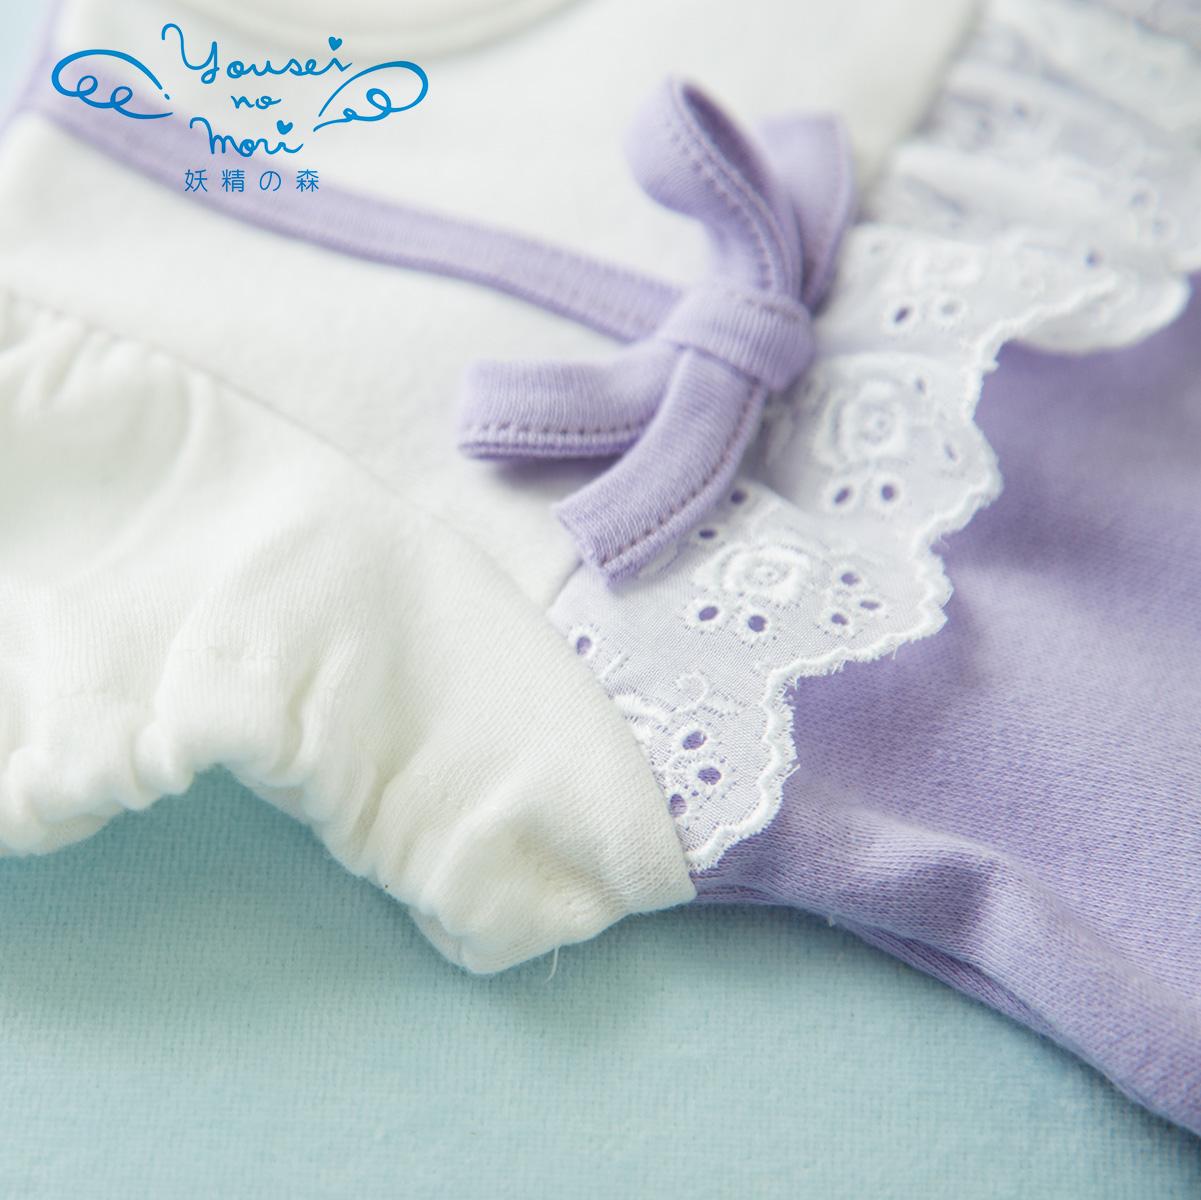 パフスリーブのリボンドレス w-YA012 (ベビー服)